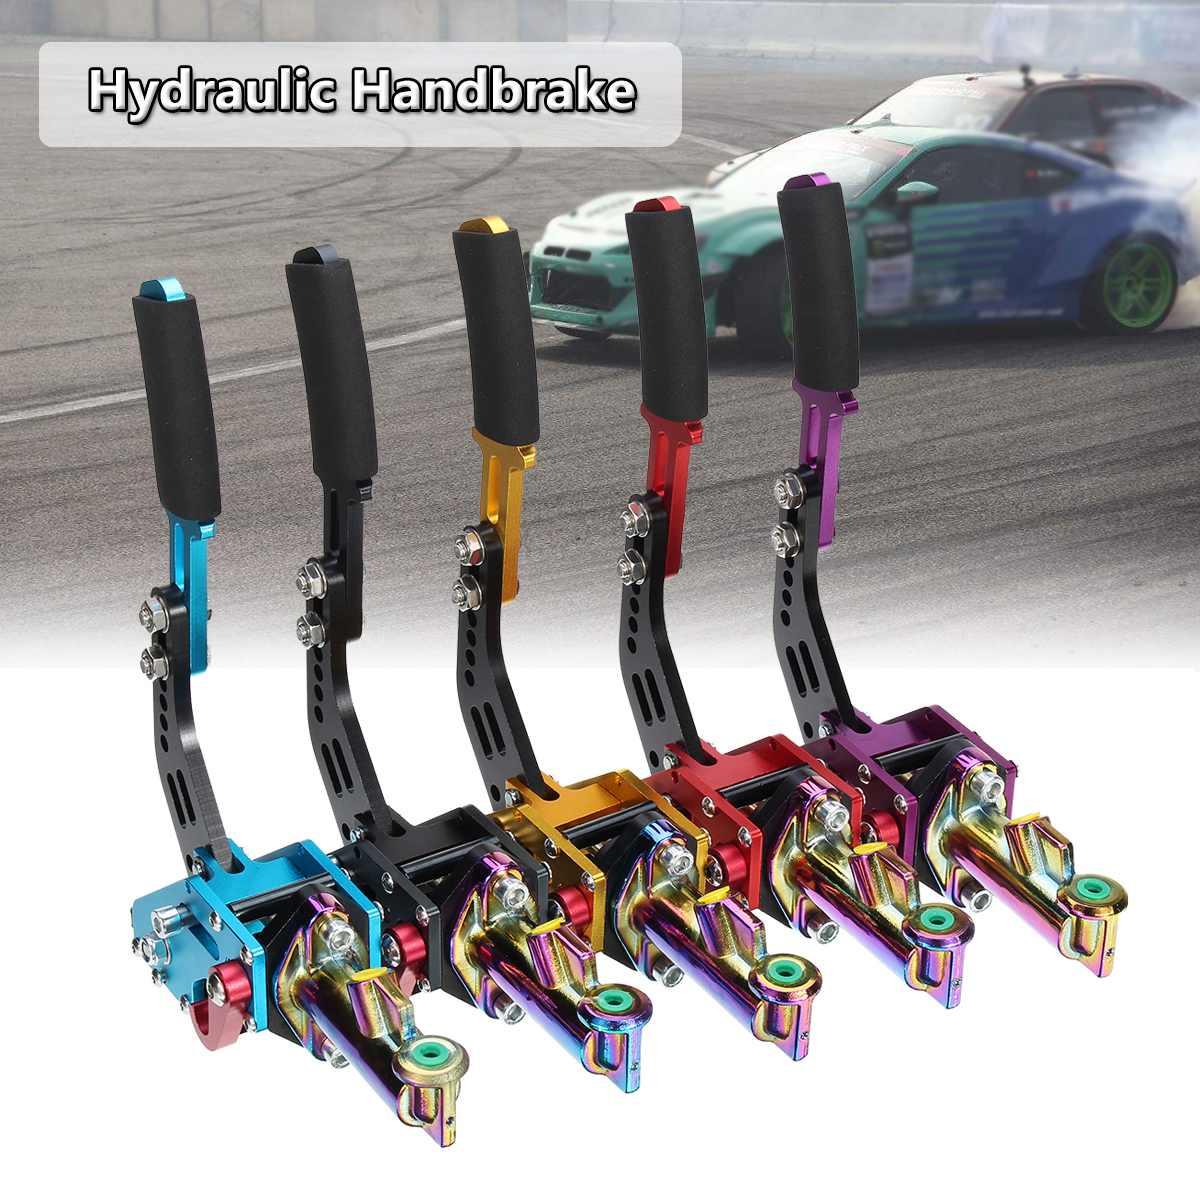 Uniwersalny pionowy wyścigi Escort Rally e-brake Drift hydrauliczny hamulec ręczny Hydro